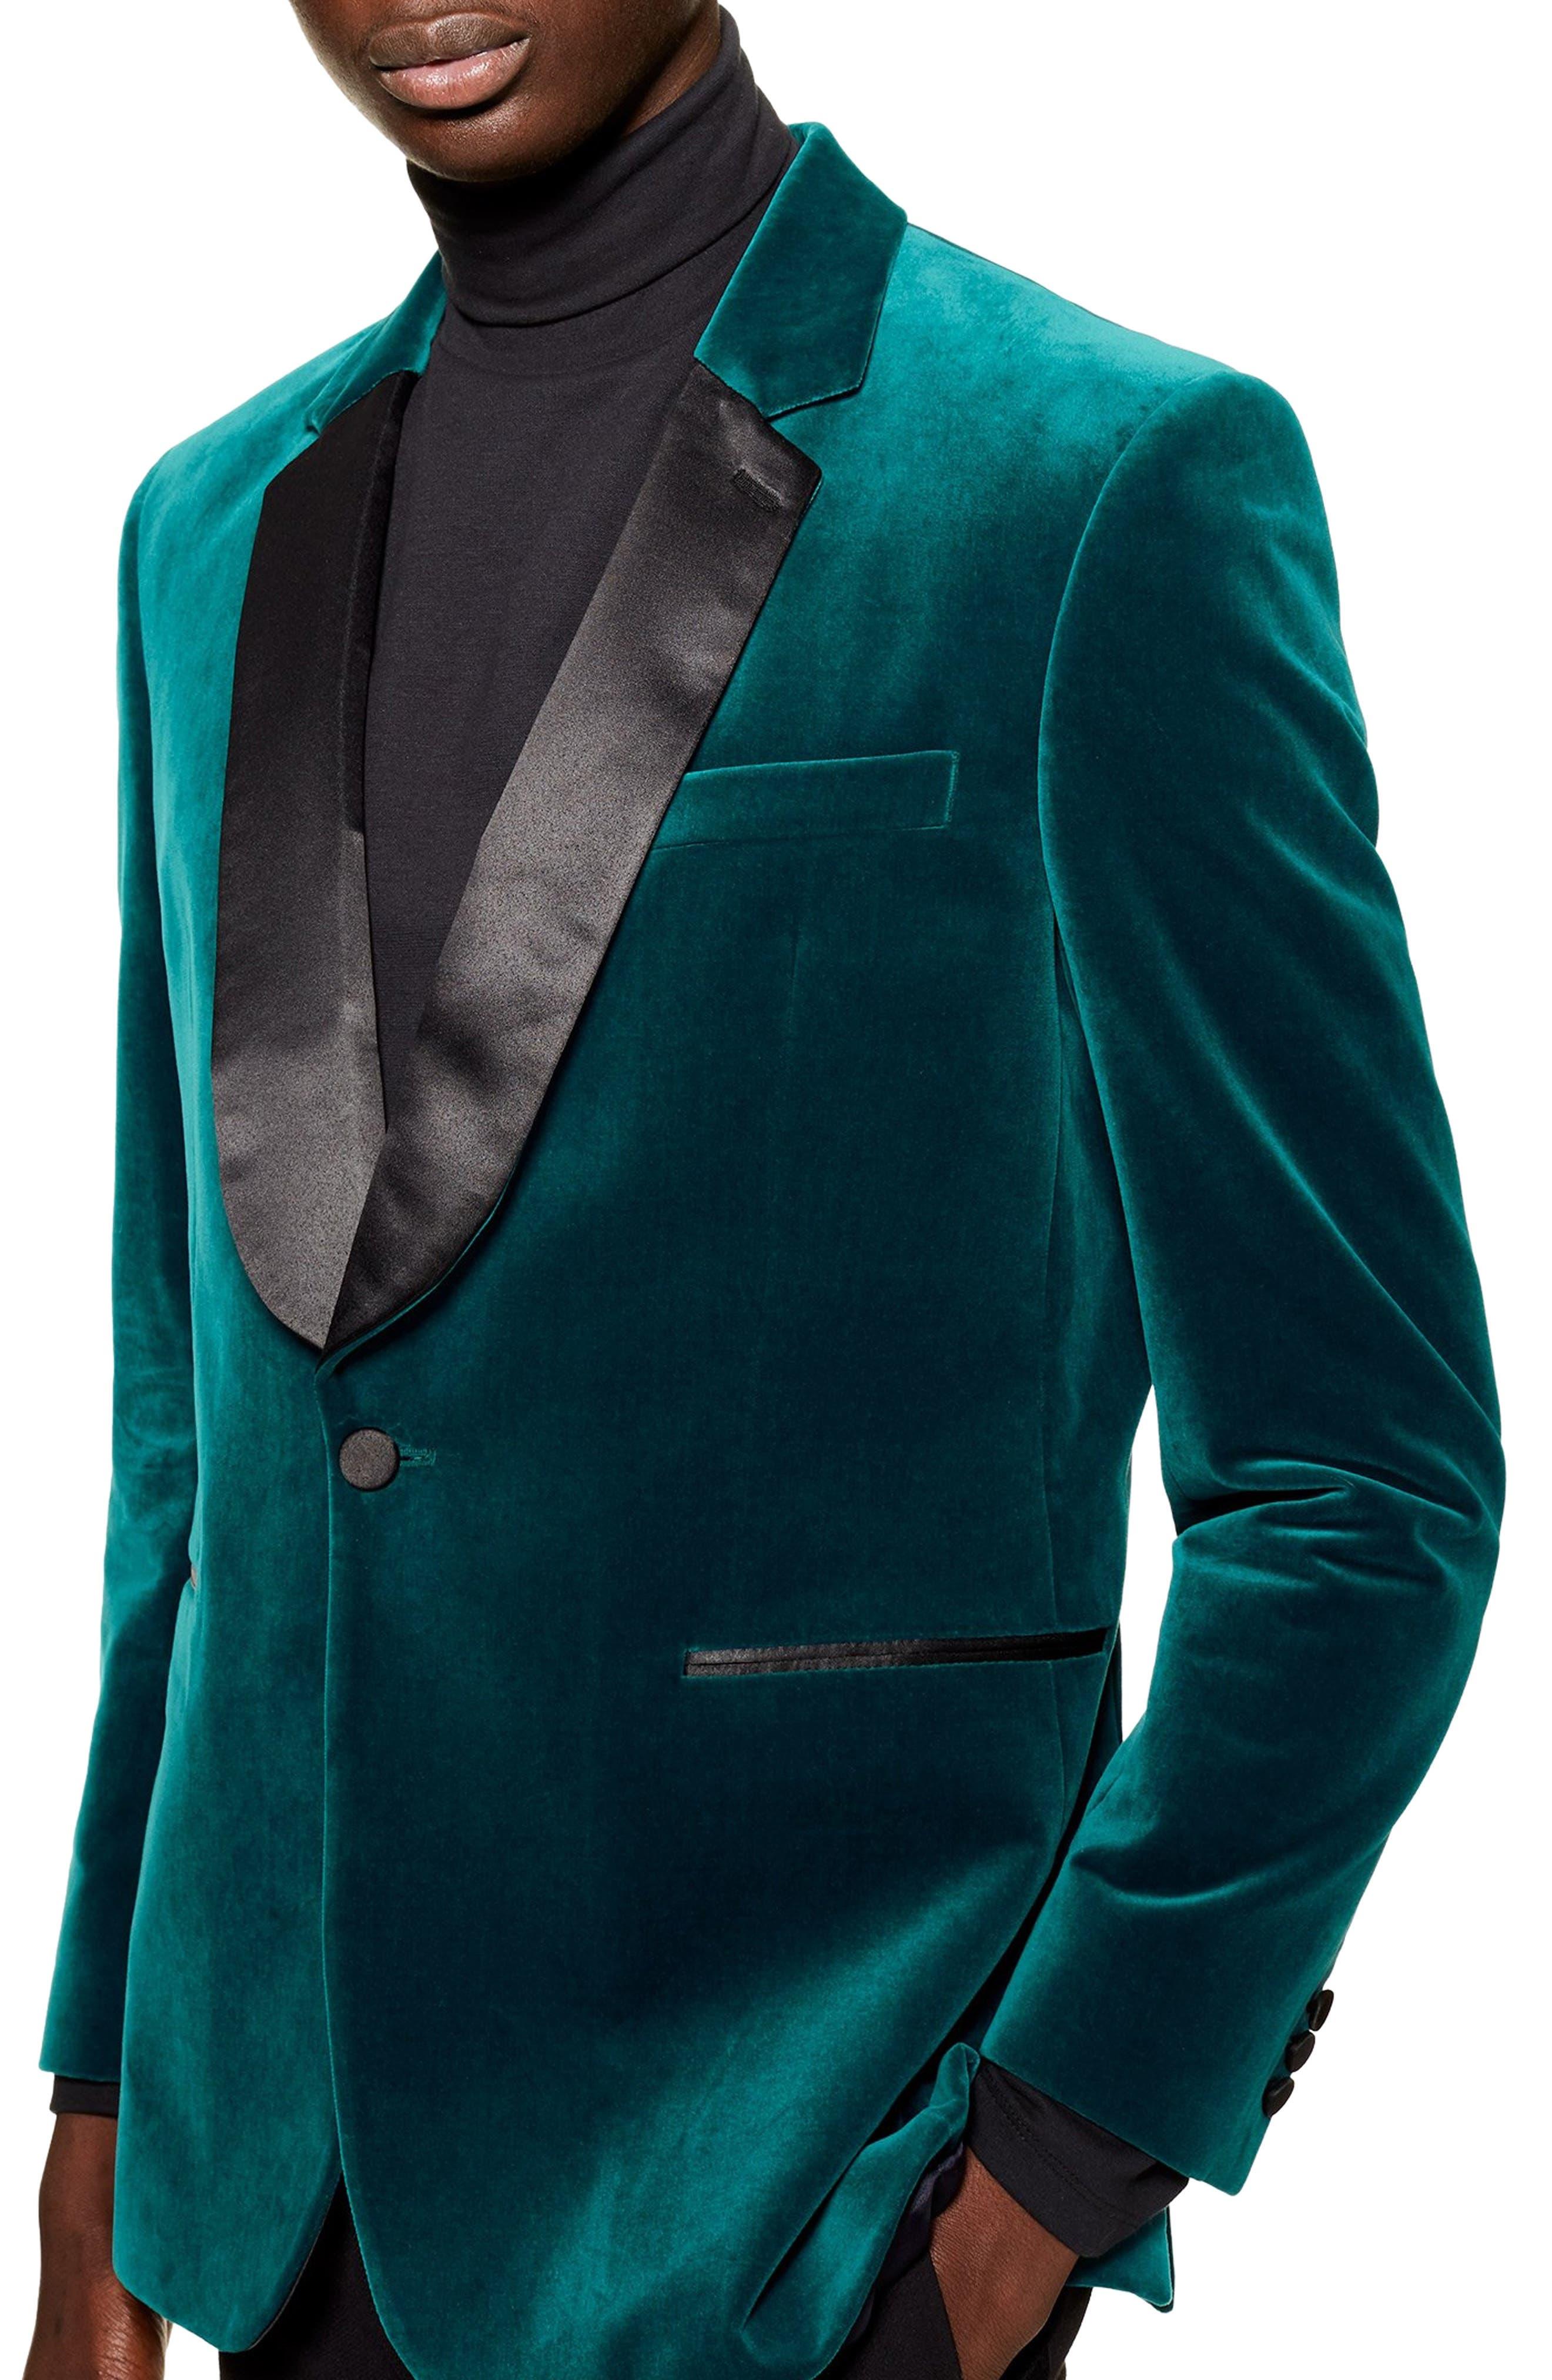 TOPMAN,                             Casely Hayford Skinny Fit Velvet Blazer,                             Main thumbnail 1, color,                             BLUE MULTI